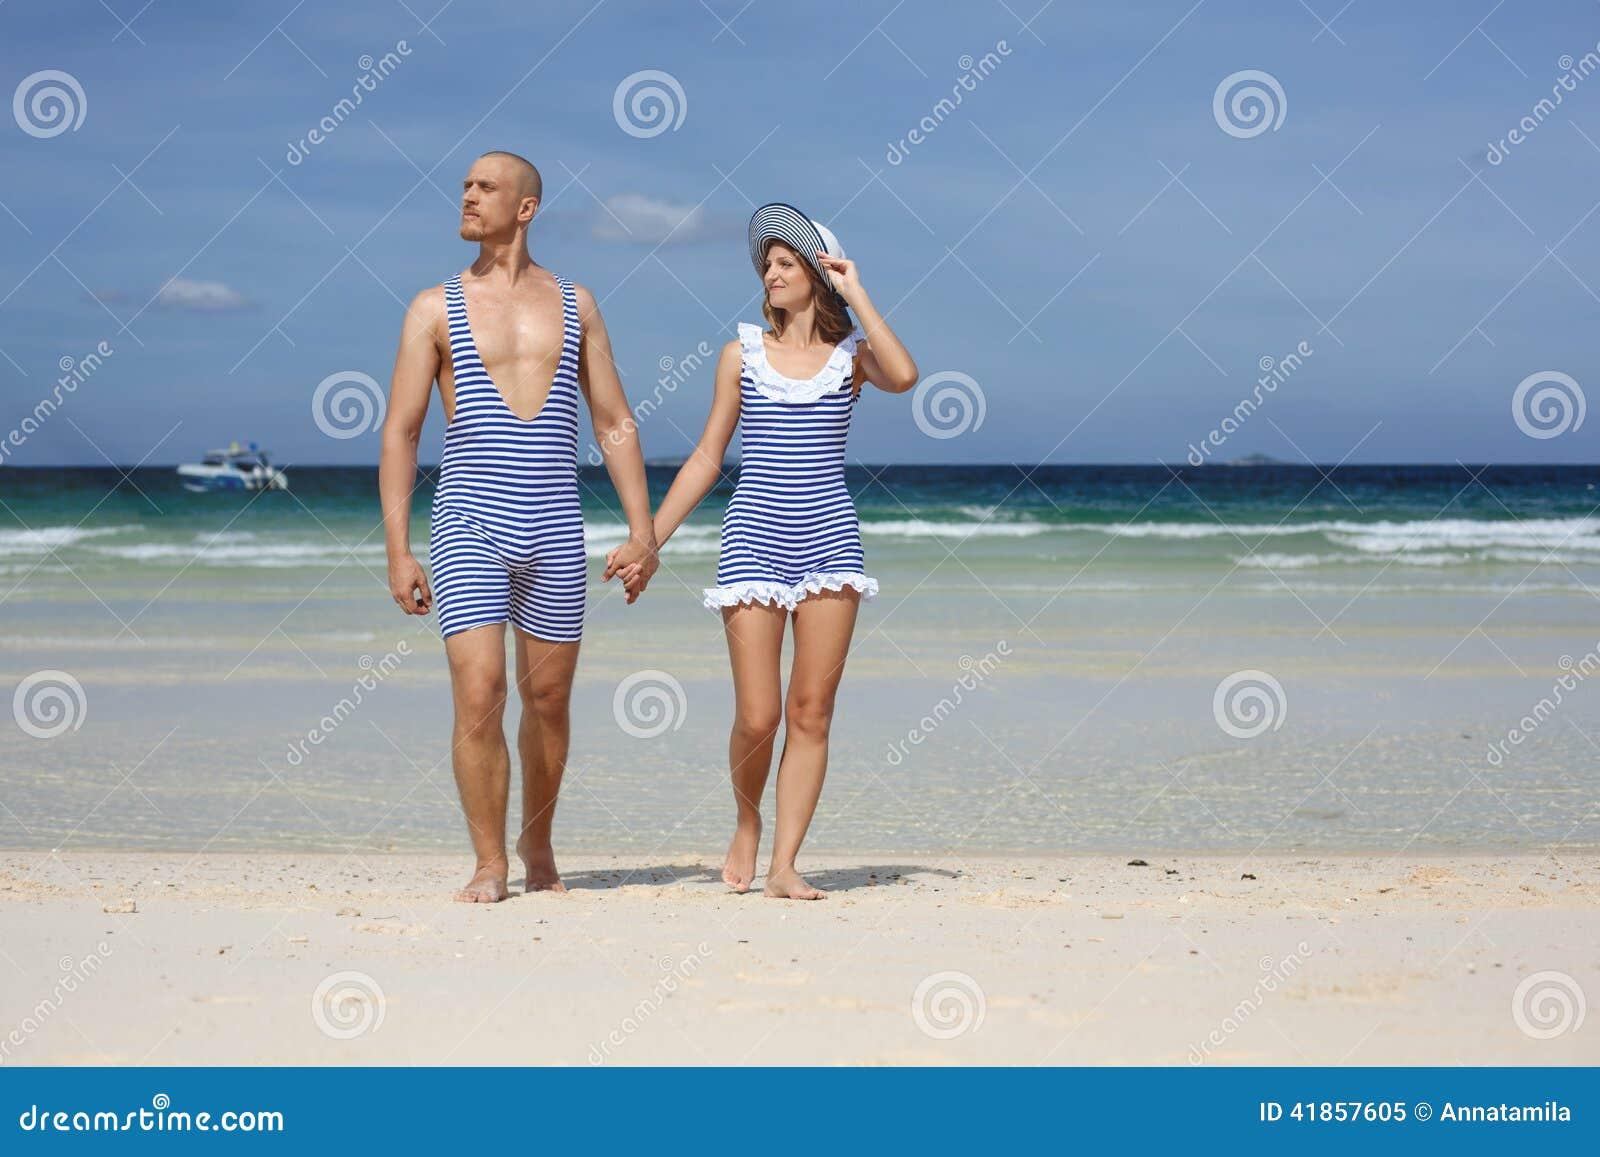 Belle coppie in retro costume da bagno immagine stock immagine di rilassamento svago 41857605 - Ragazze belle in costume da bagno ...